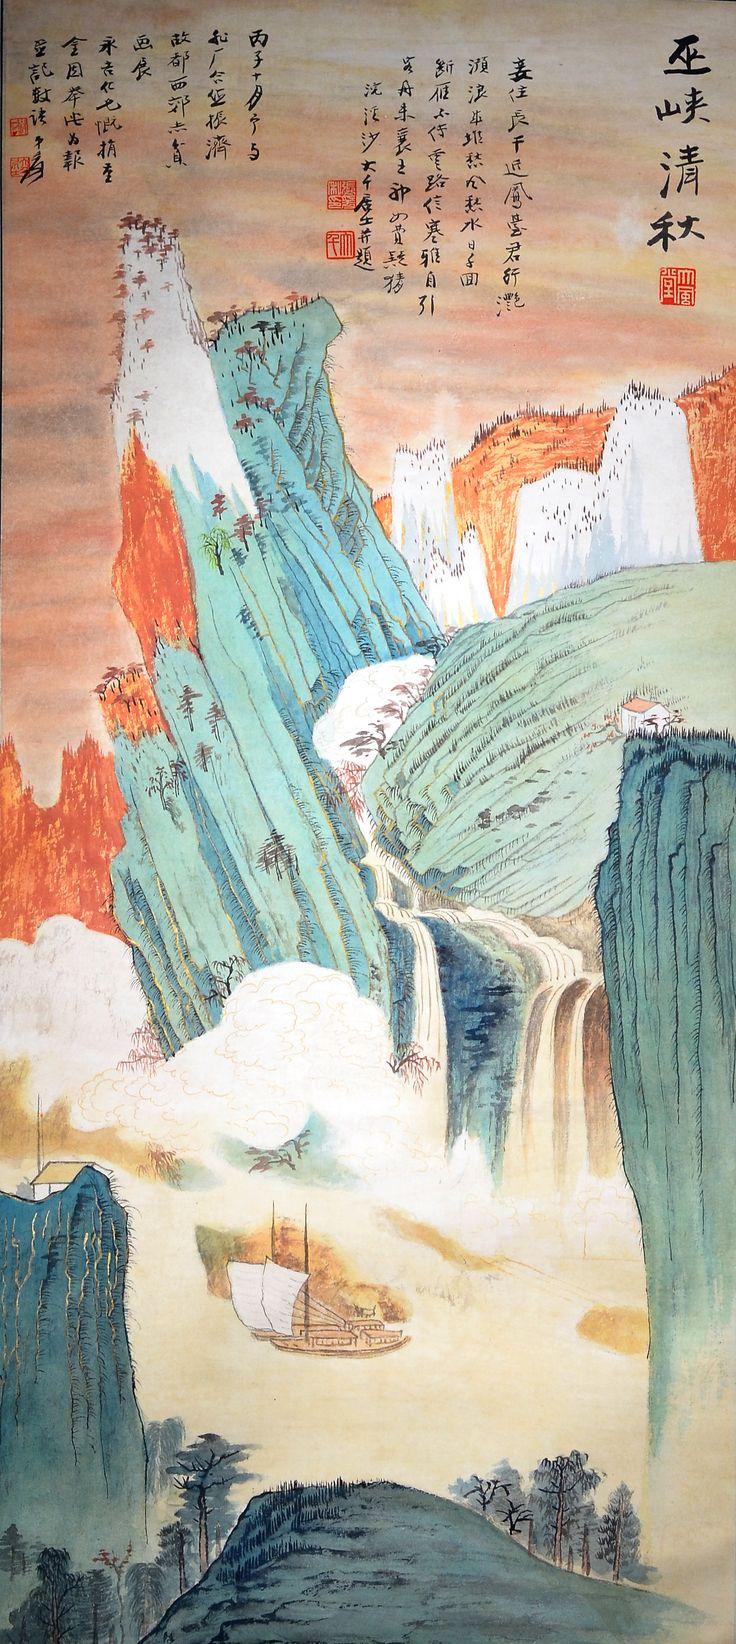 Lot 31 Zhang Daqian (1899-1983) Chinese Watercolour, 1936